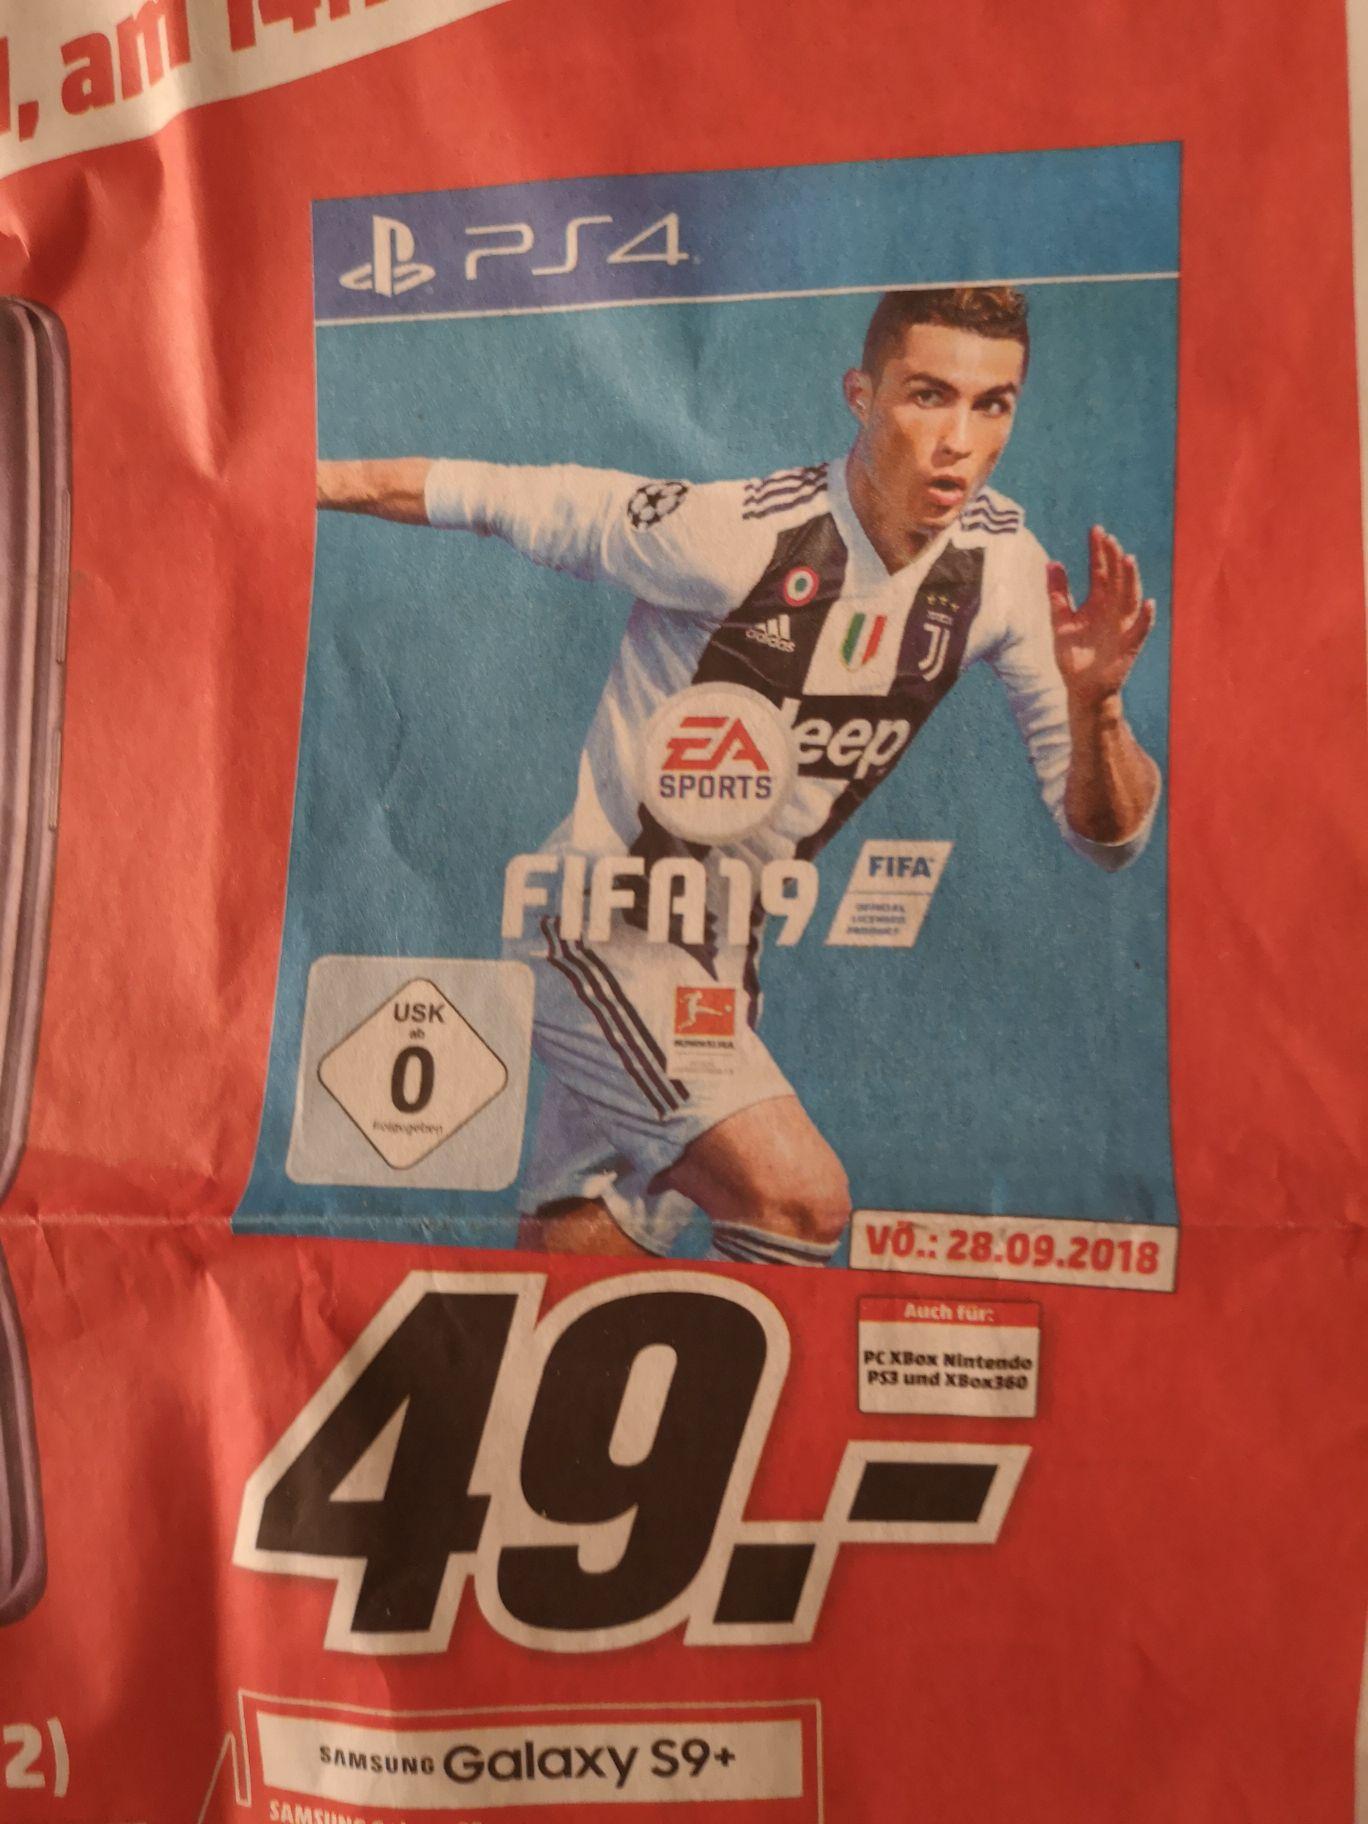 Fifa 19 PS4 für 49€ bei Mediamarkt evtl bundesweit?